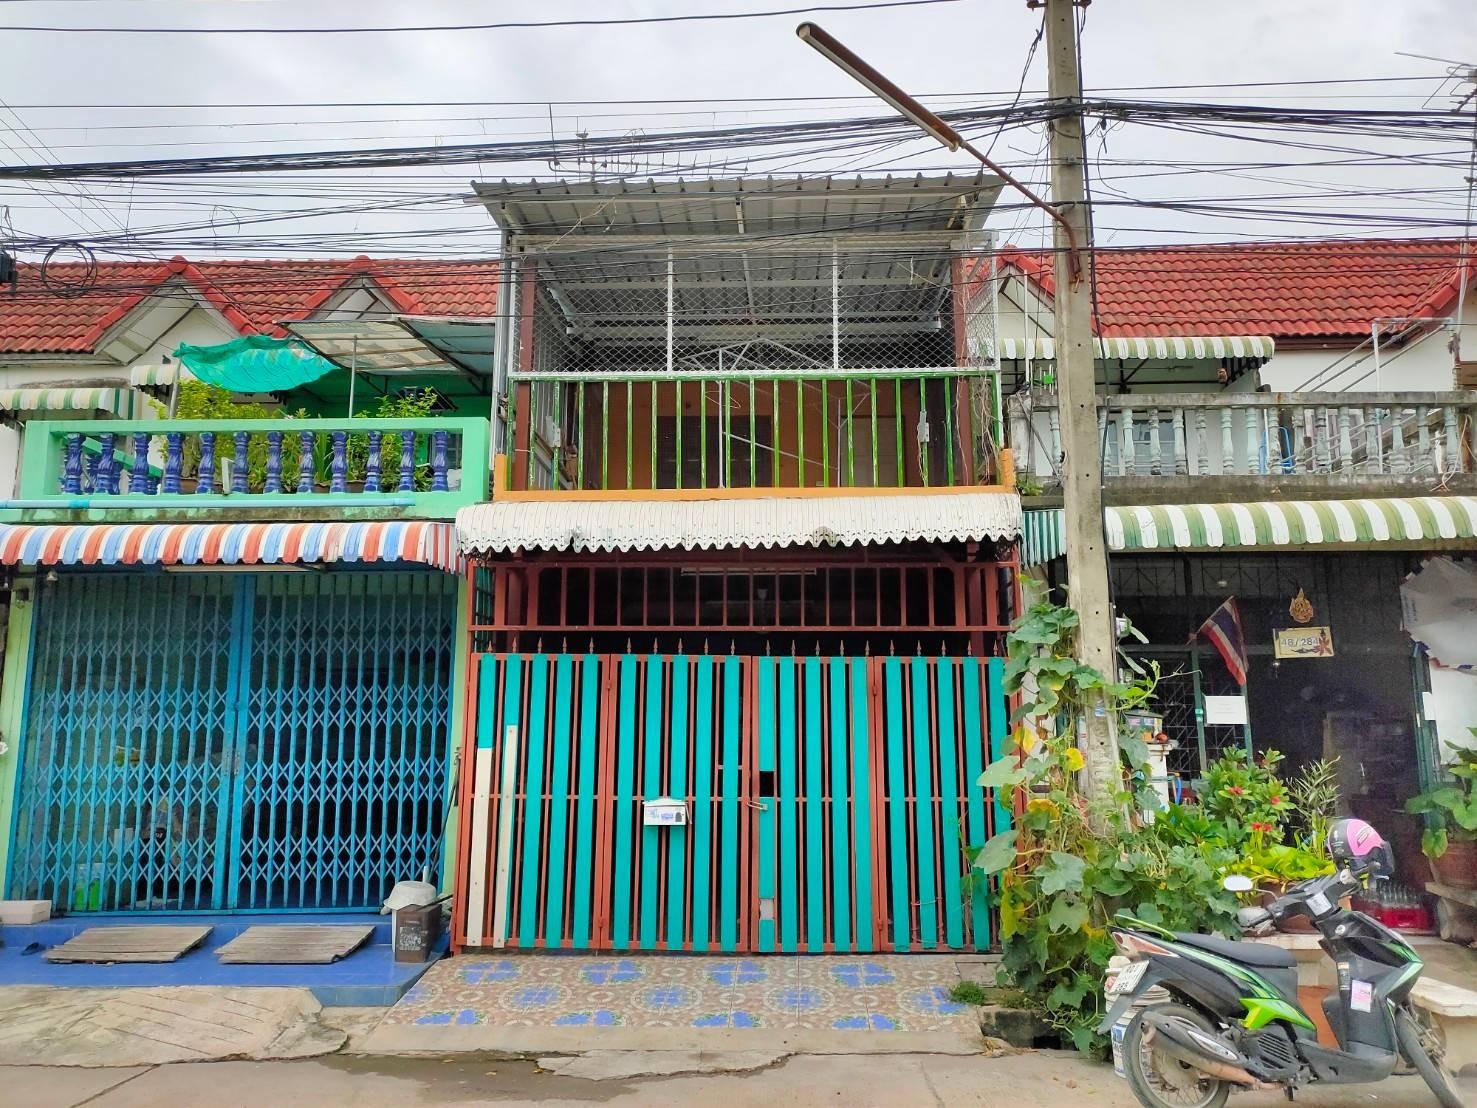 ขายด่วนๆ ขายขาดทุน ทาวน์เฮาส์ 2ชั้น หมู่บ้านวงศกร5